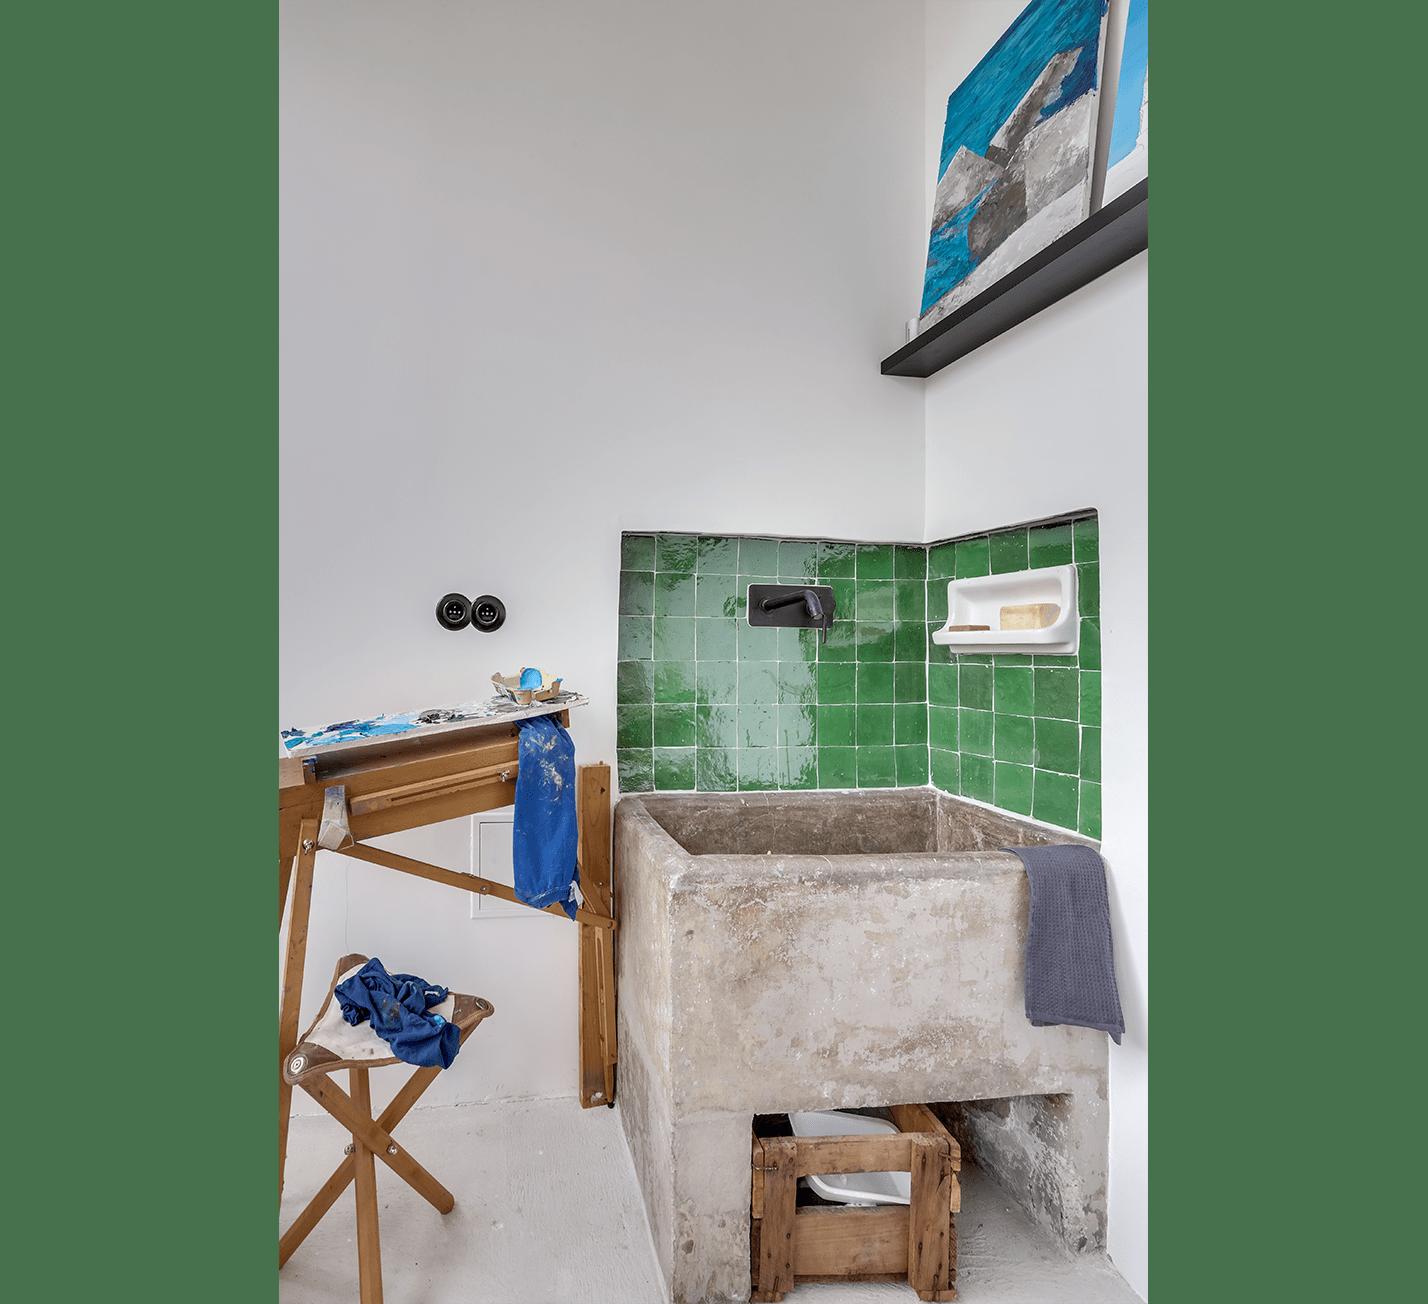 Projet-LAtelier-Atelier-Steve-Pauline-Borgia-Architecture-interieur-03-min